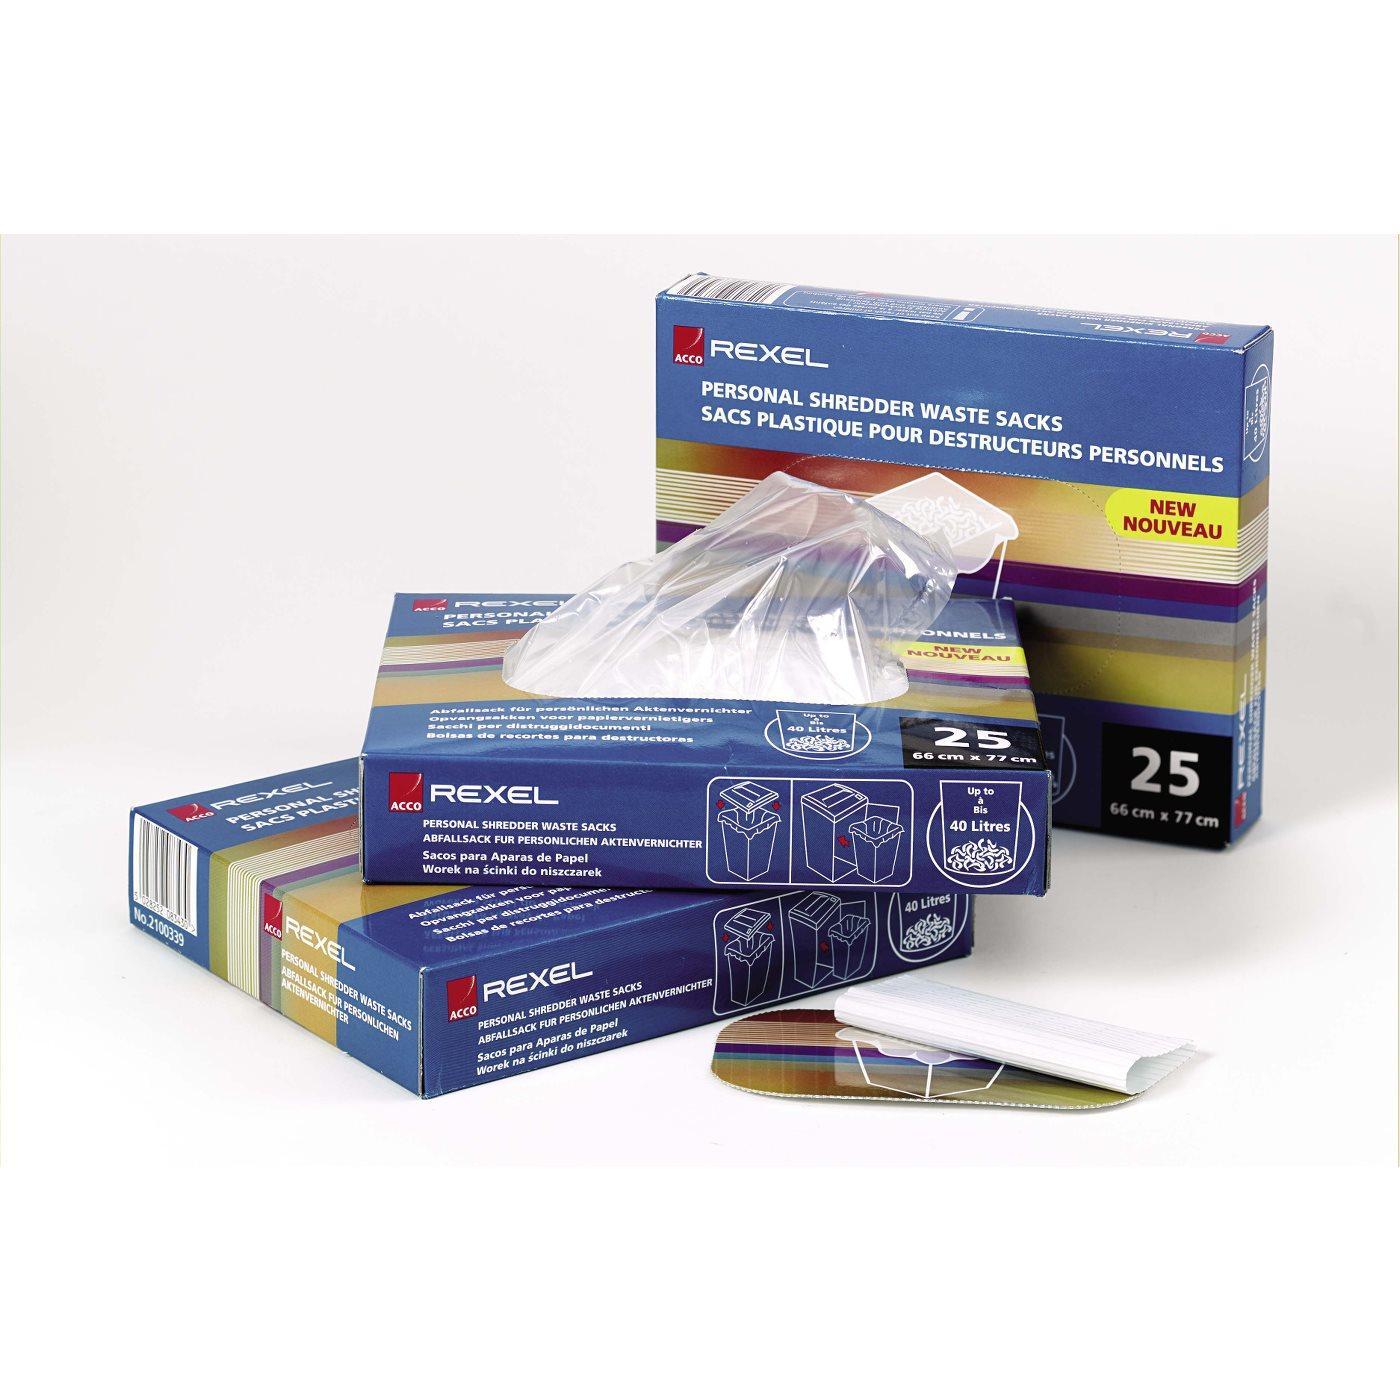 Avfallssäckar Dokumentförstörare REXEL 80L, plast, 100/rl